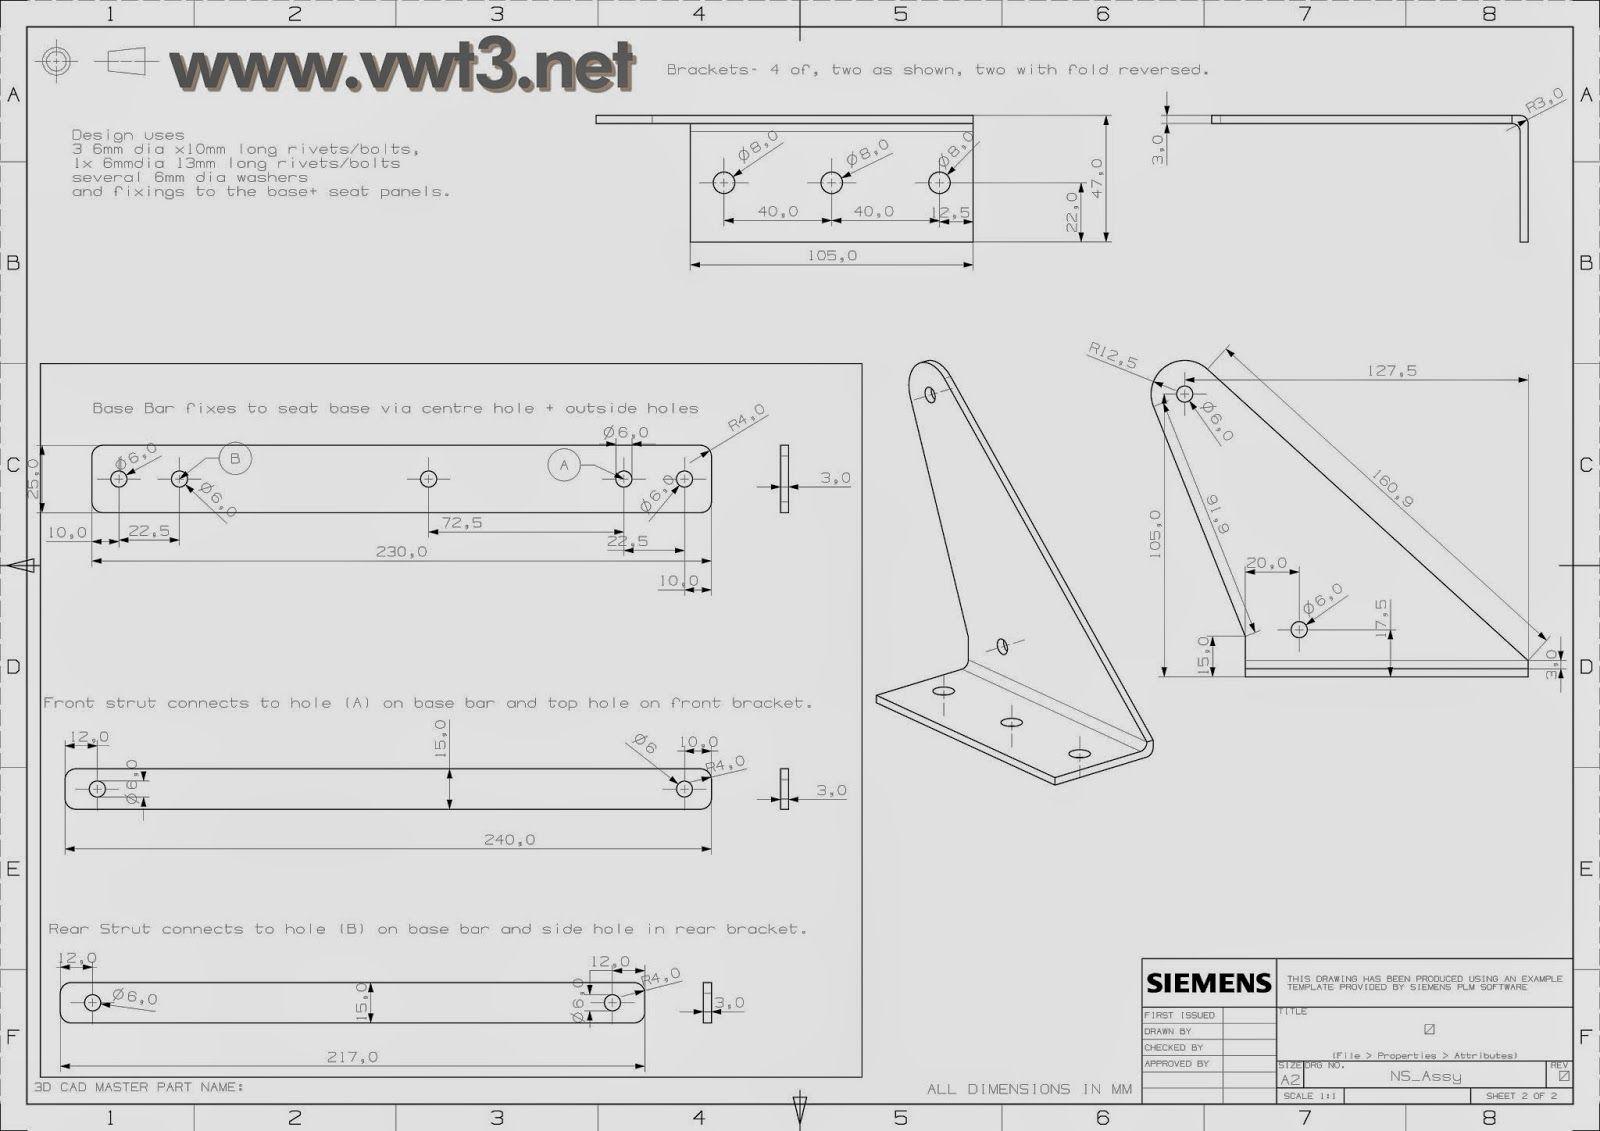 vwt3 net  mecanismo sofa cama camper  planos t u00e9cnicos